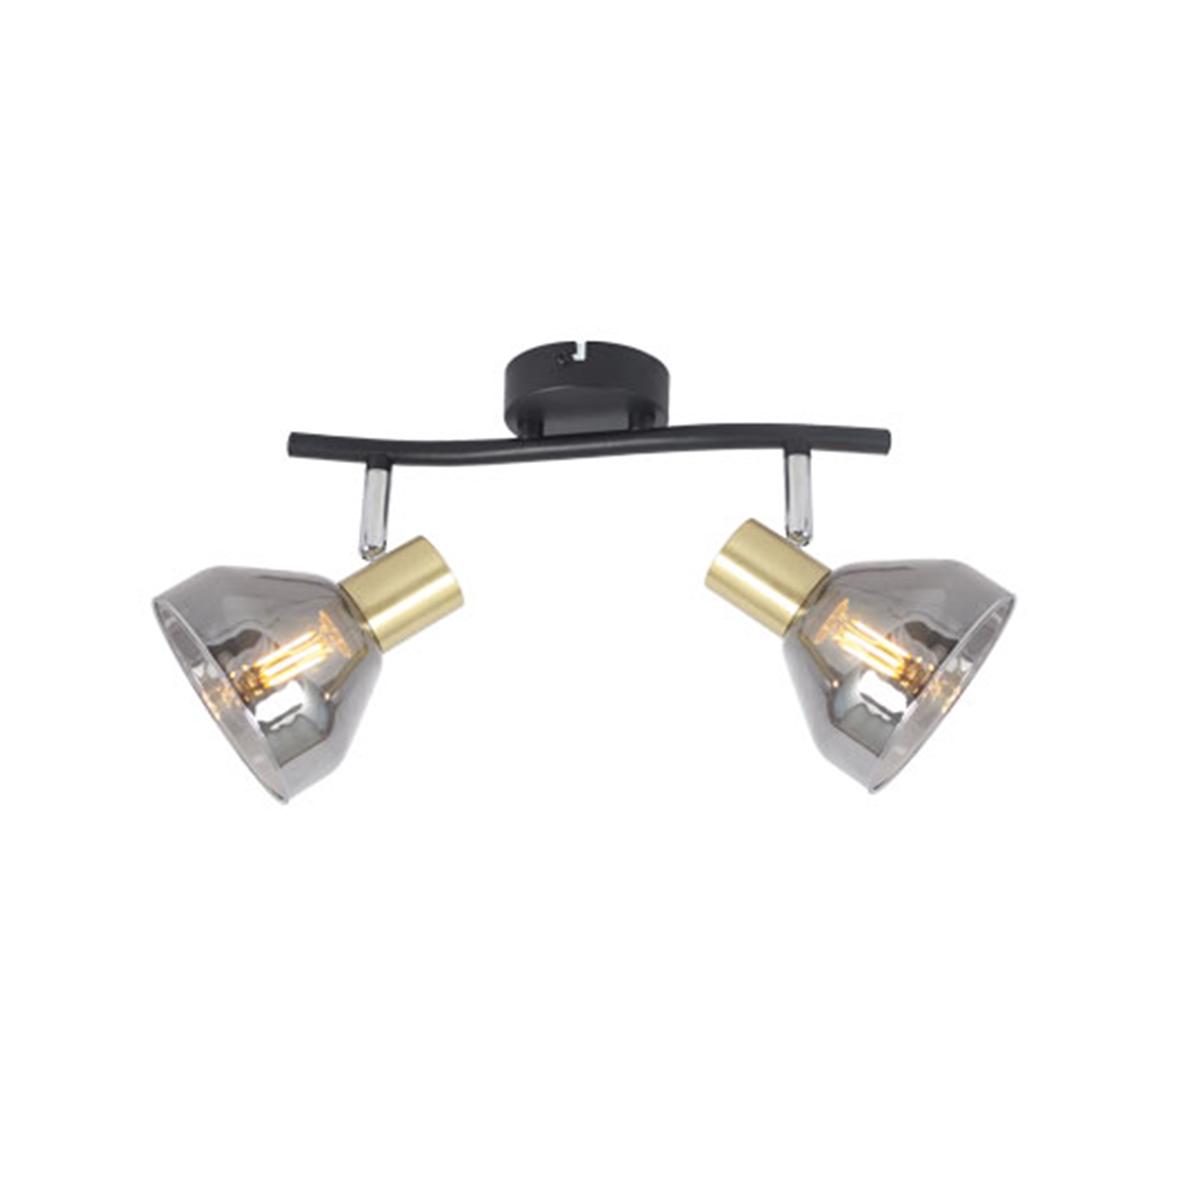 Spot lampa Aria/2 6600982